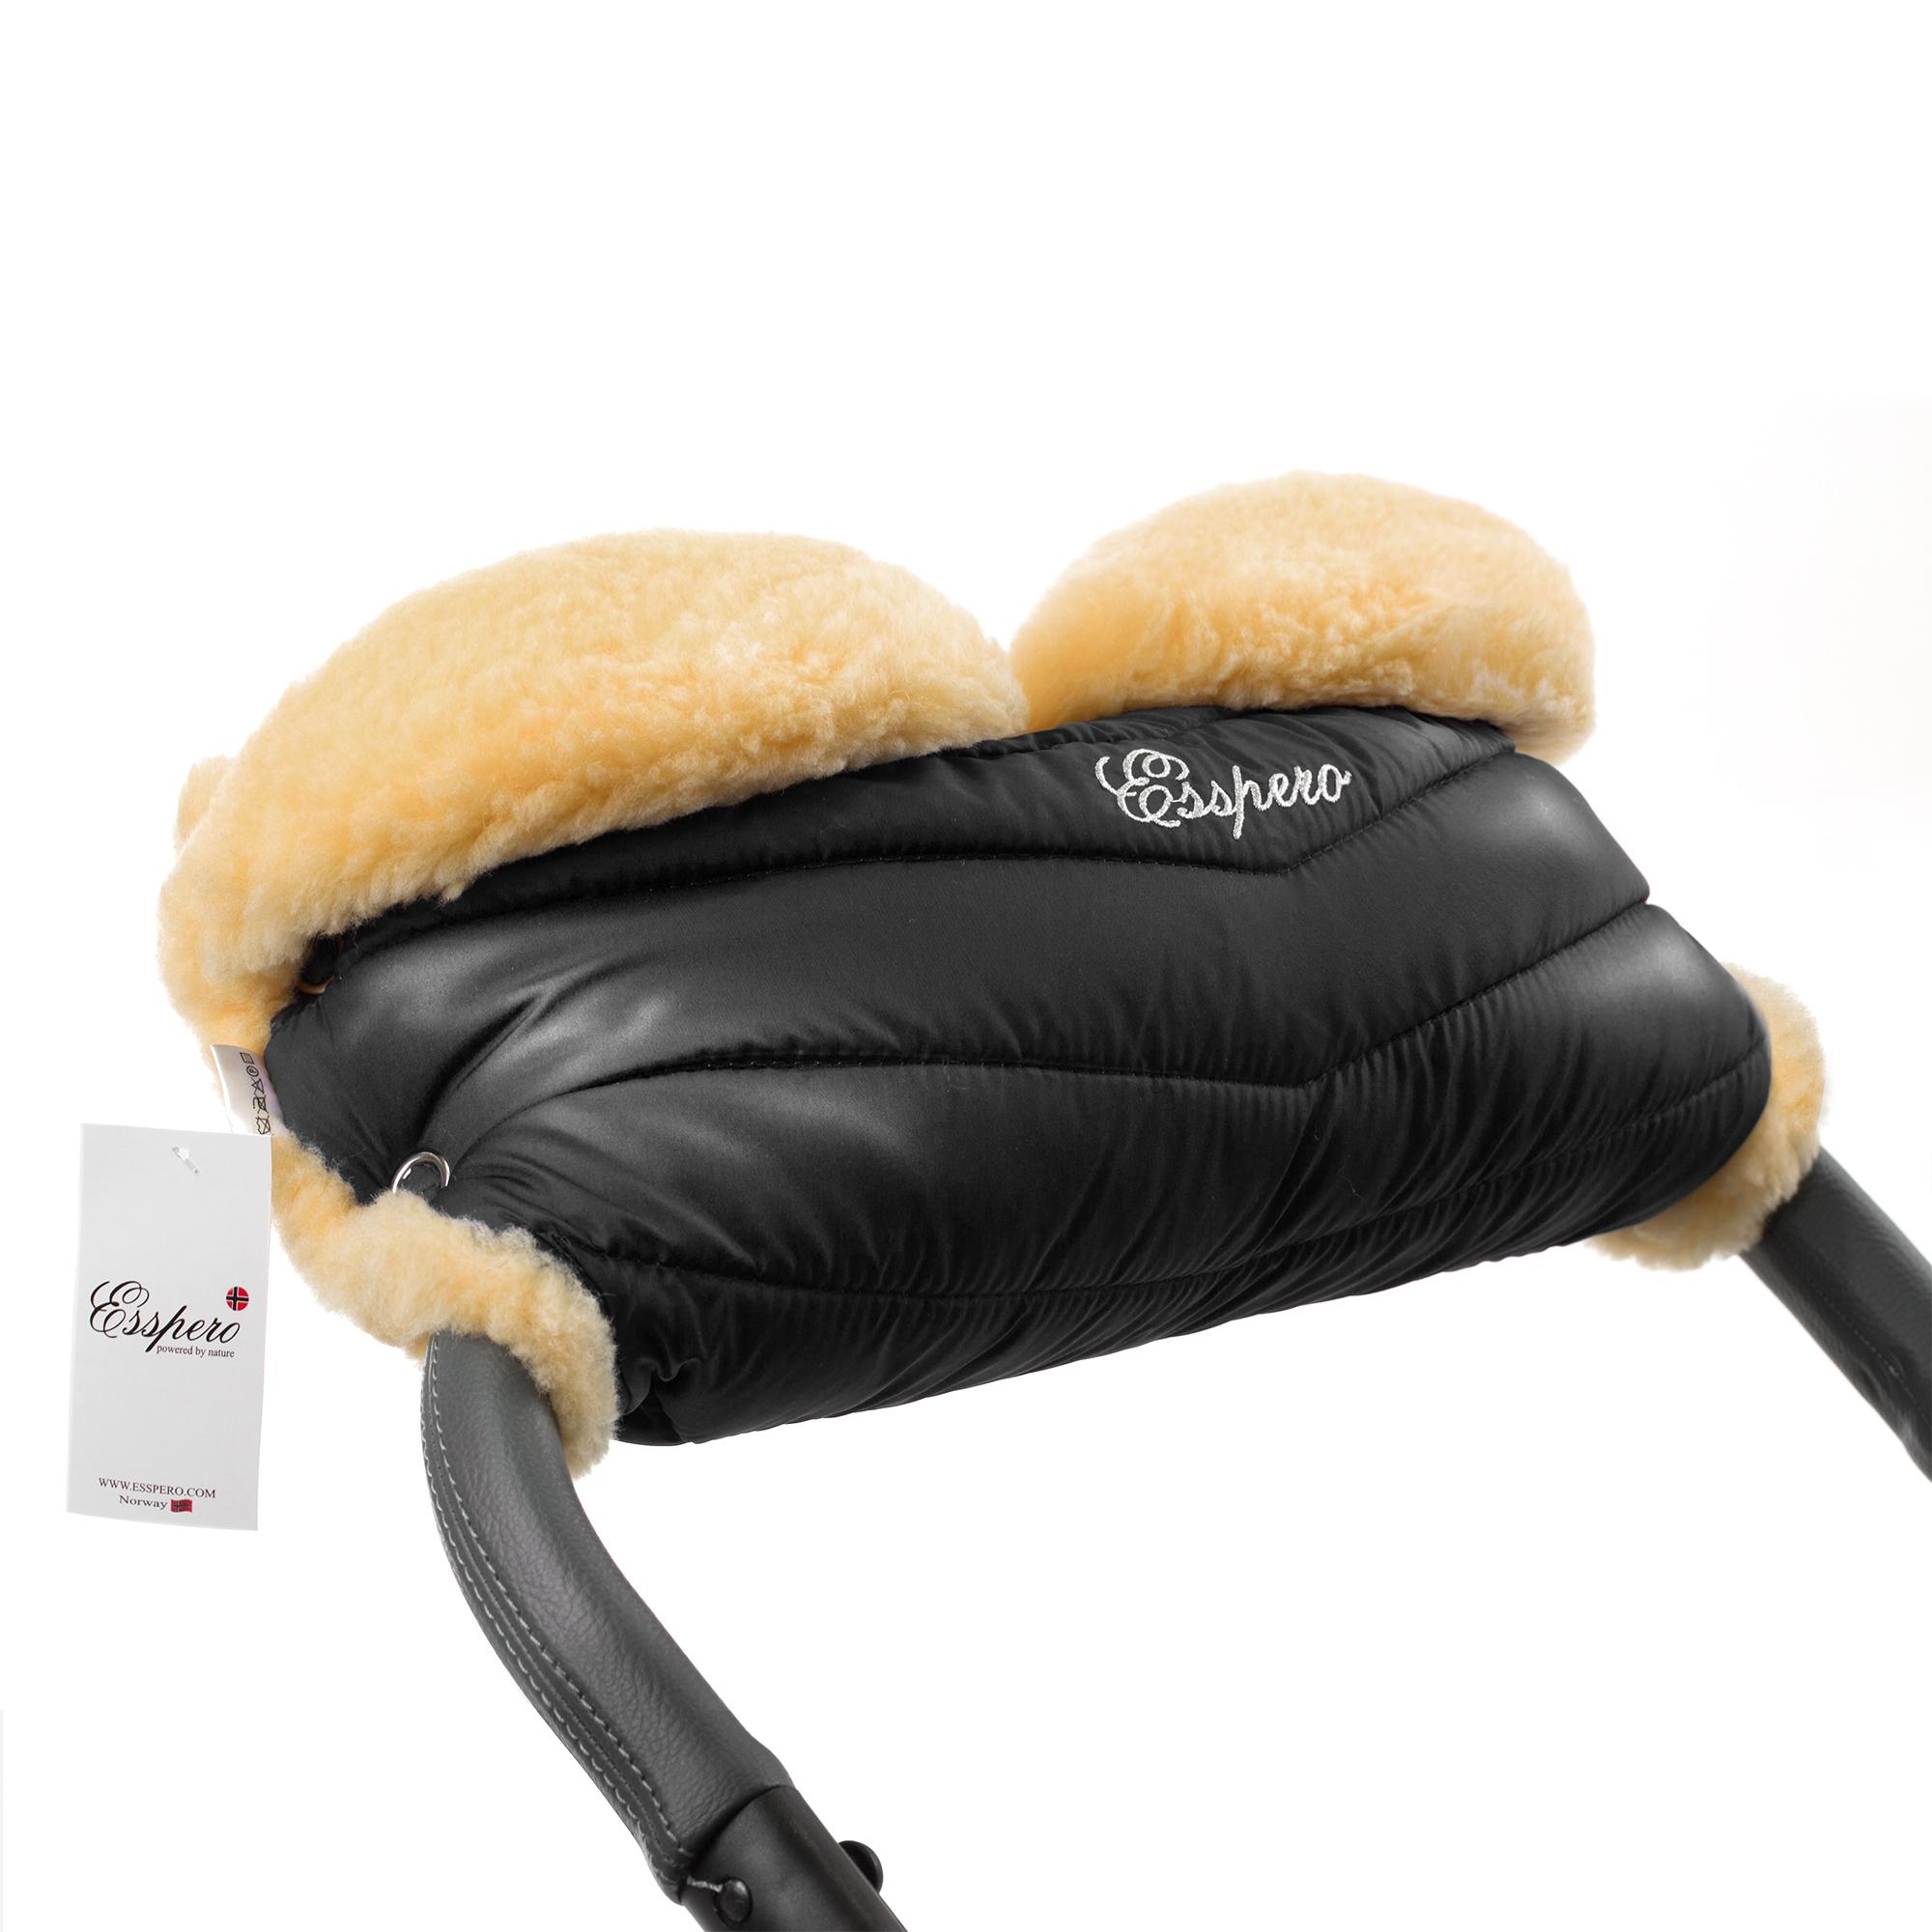 Купить Муфта для рук на коляску Esspero Cosy - Black, Муфты на коляску